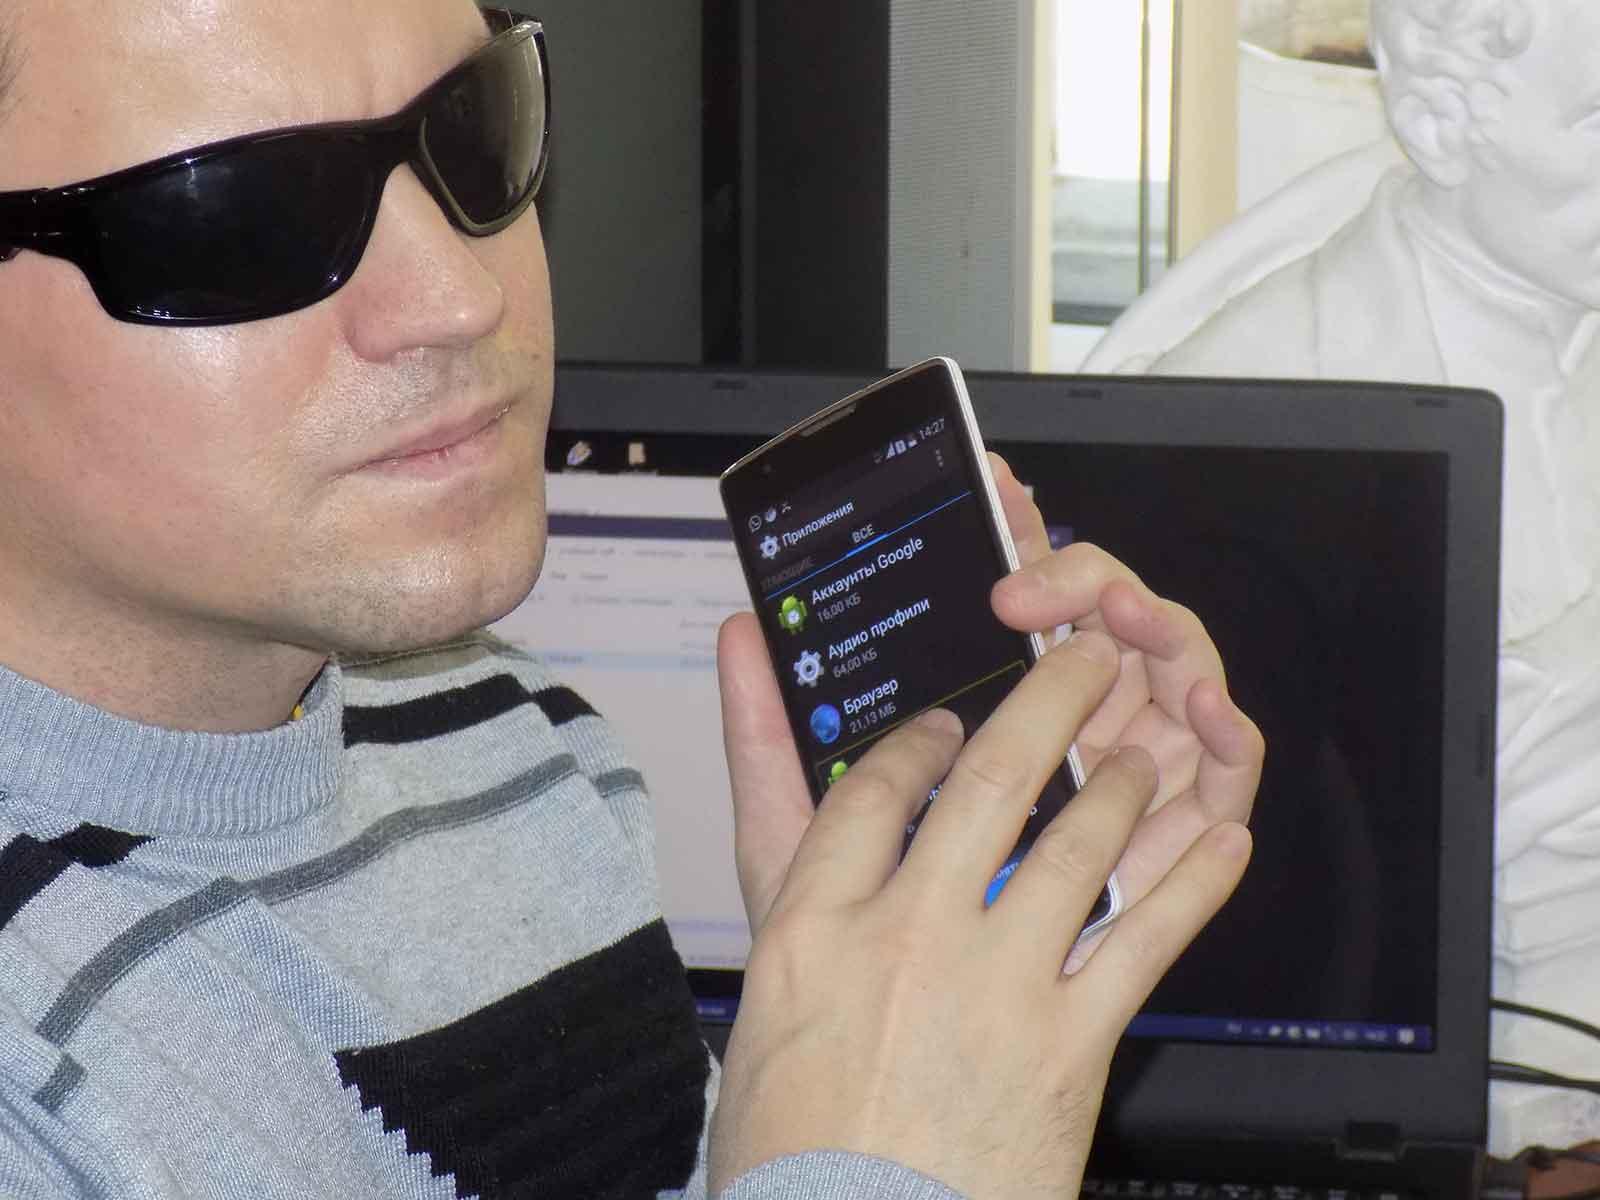 smartfon pomogayuschiy videt